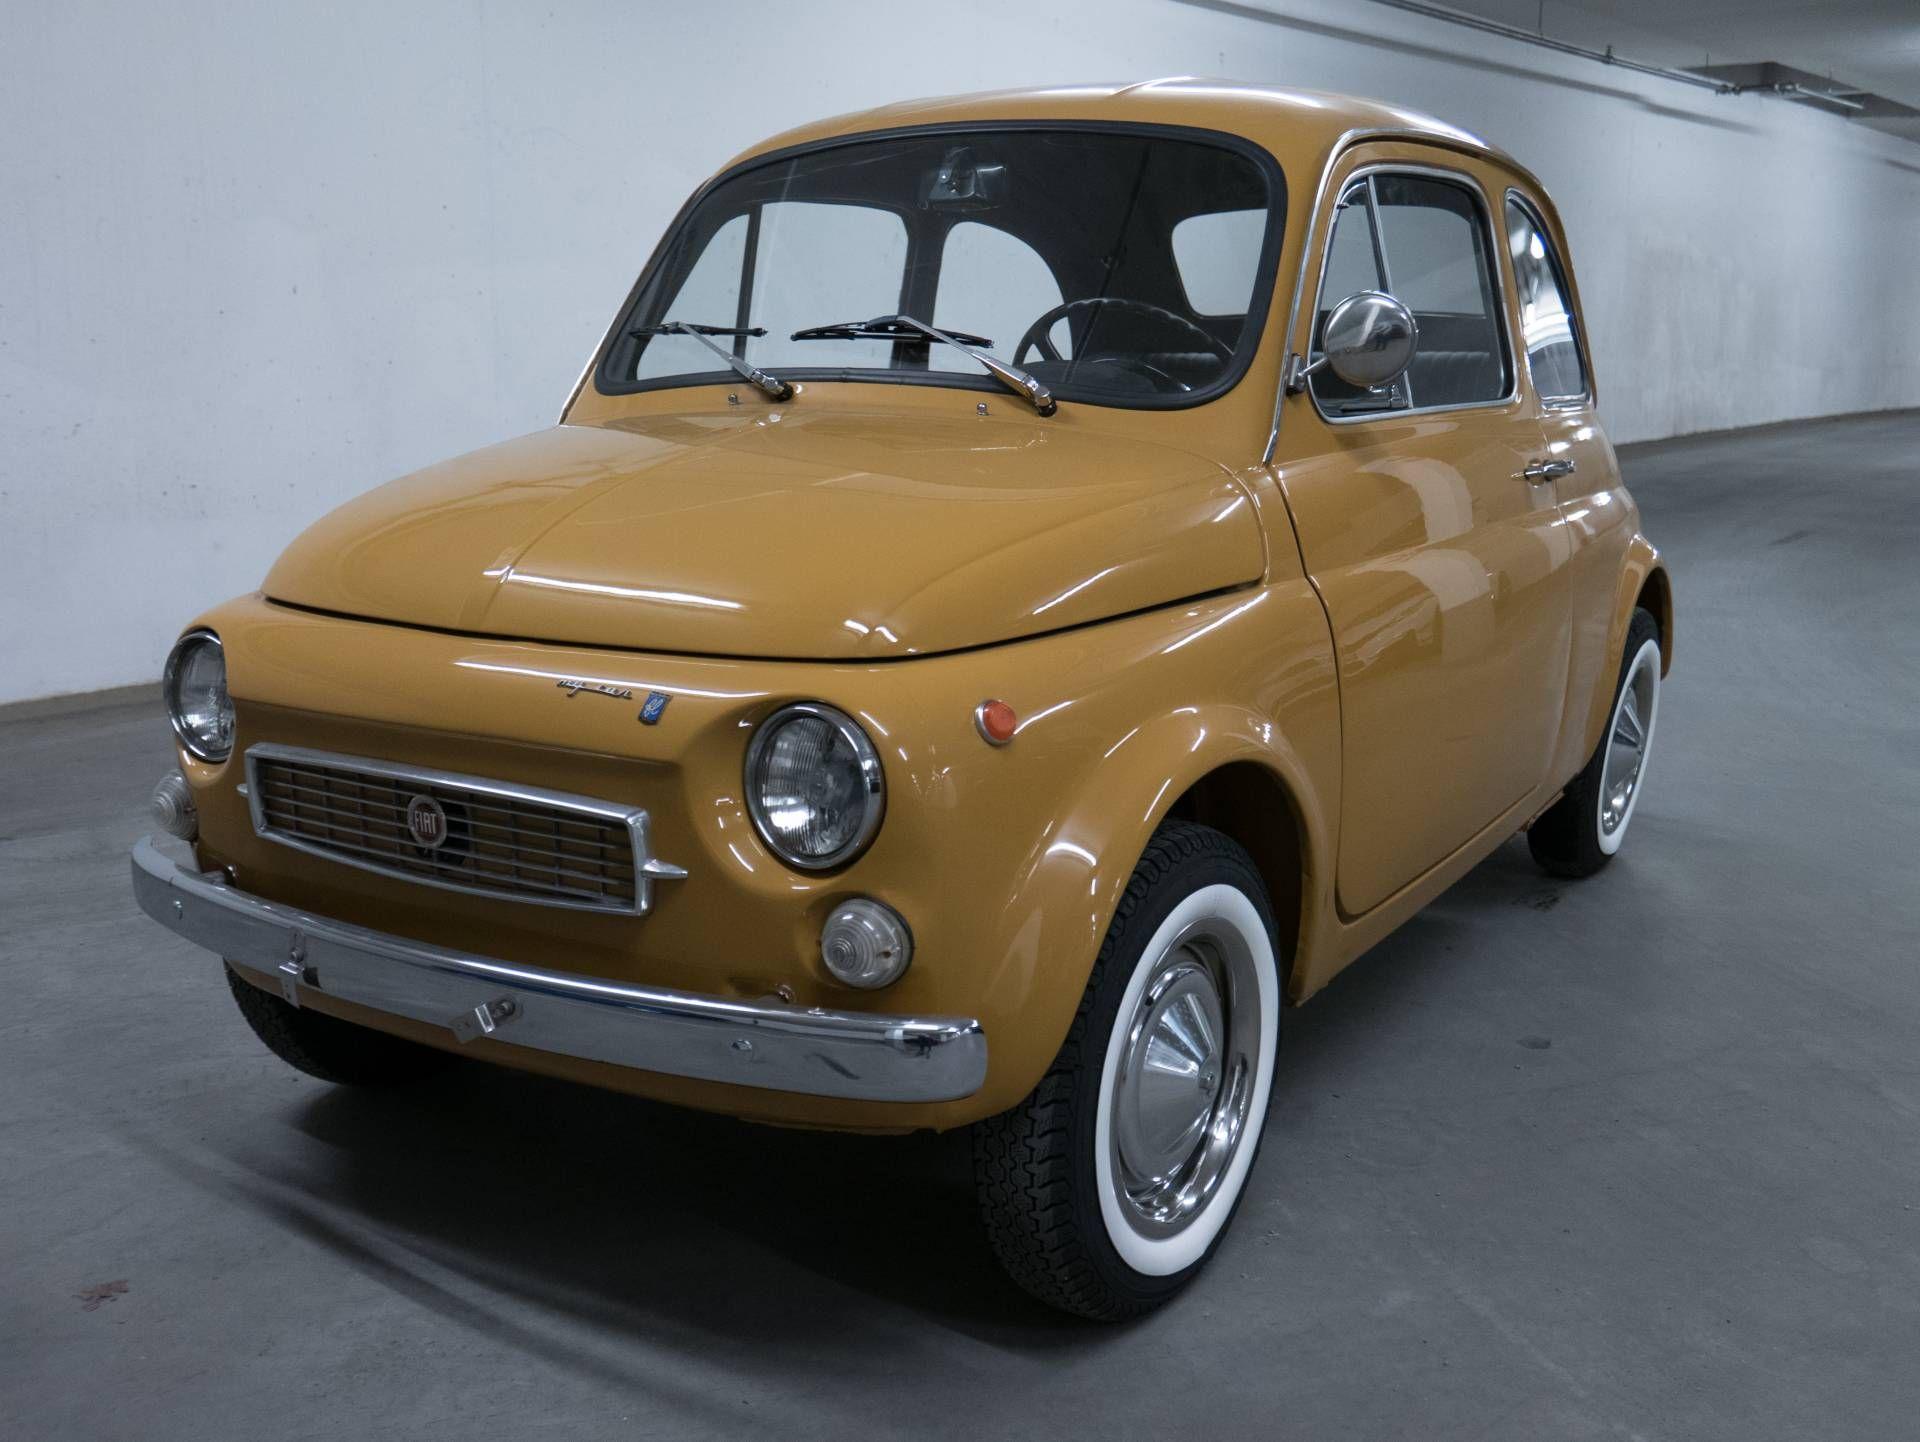 Fiat 500 Francis Lombardi My Car Tony Fiat 500 Auto D Epoca E